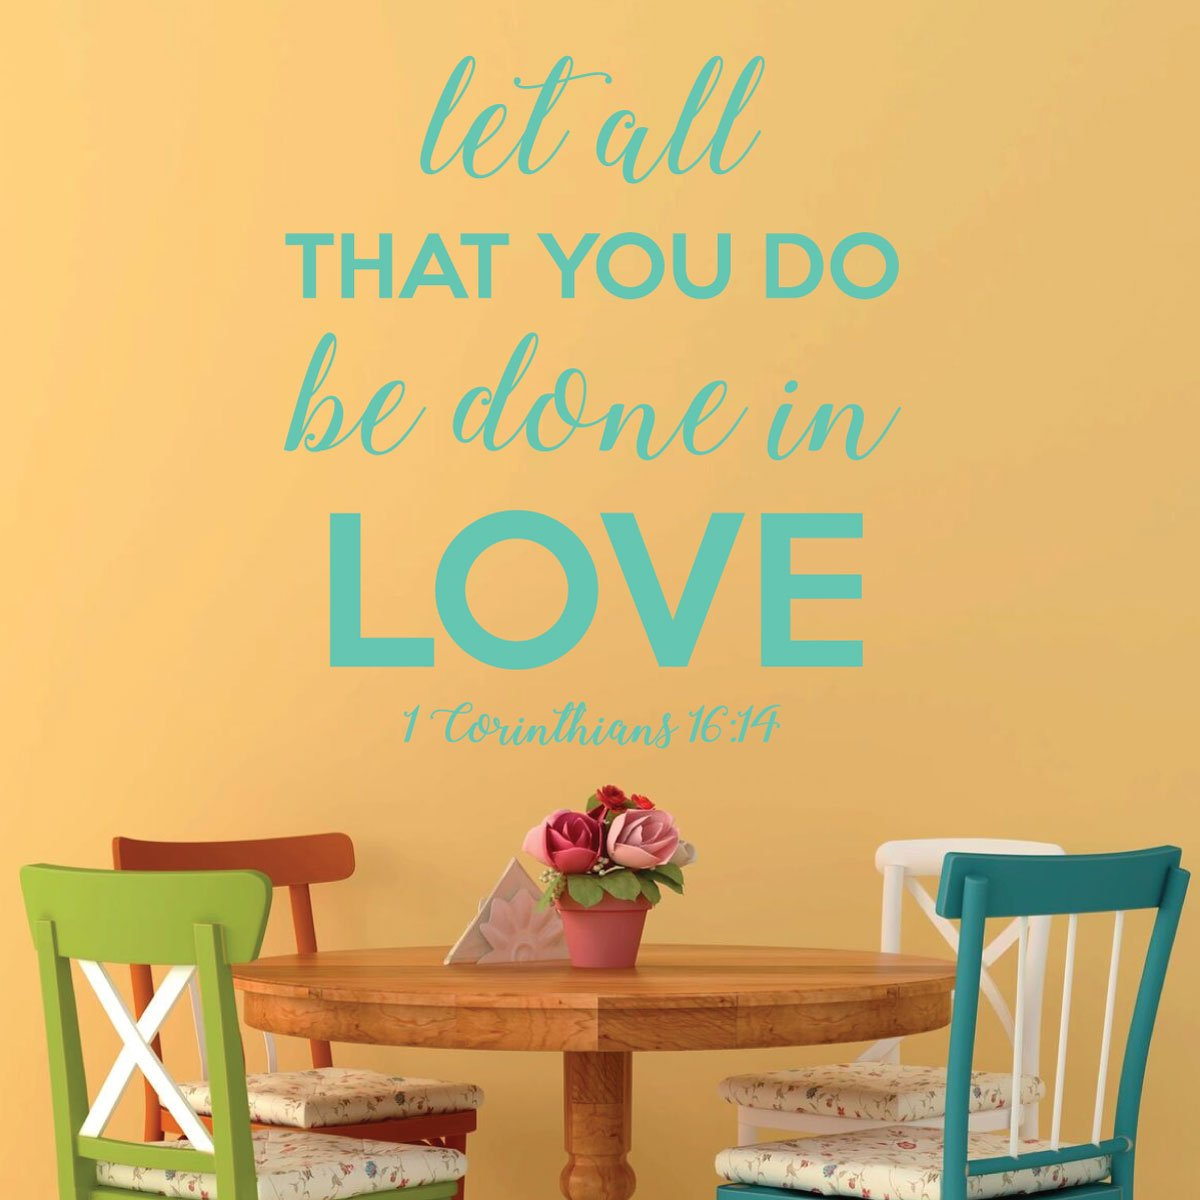 Amazon.com: Love Scriptures - 1 Corinthians 16:14 - Let All That You ...